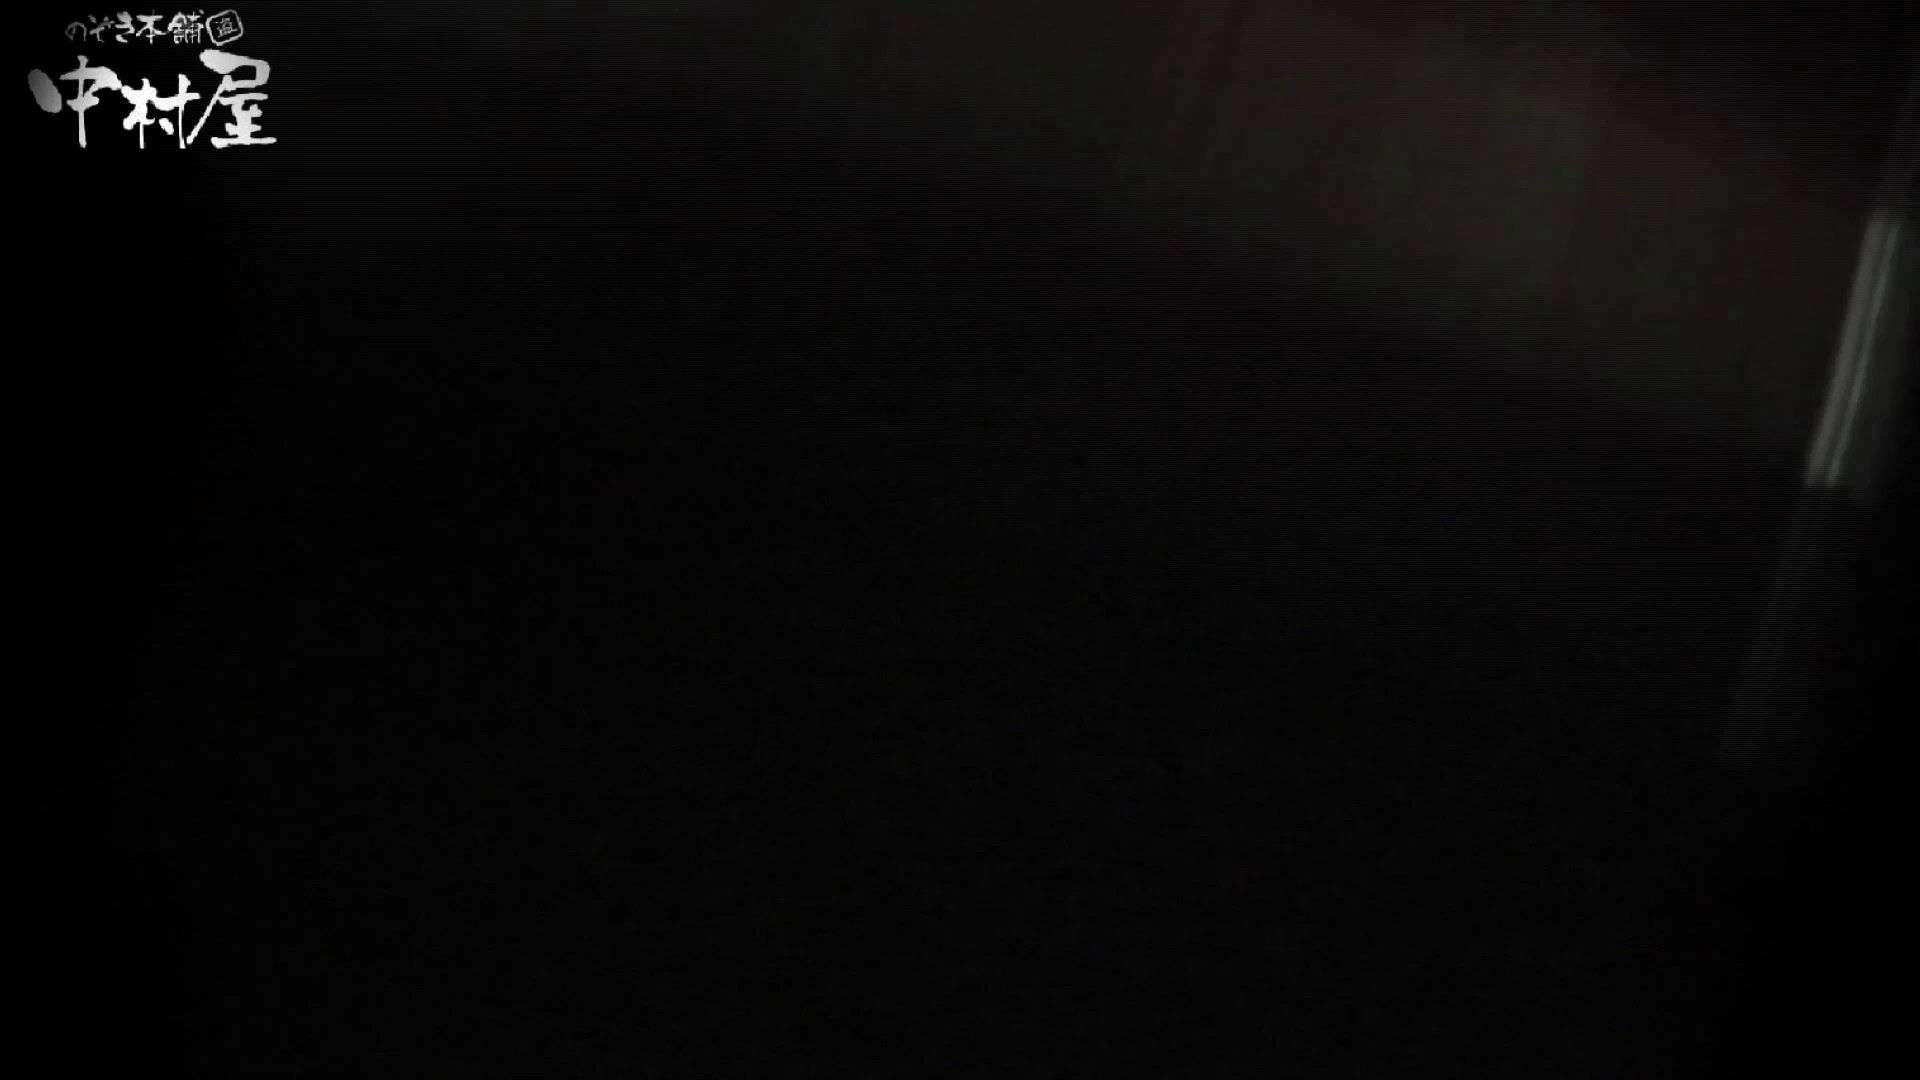 世界の射窓から~ステーション編~vol46 美女のアップが盛りだくさん。後編 OLすけべ画像  104連発 4